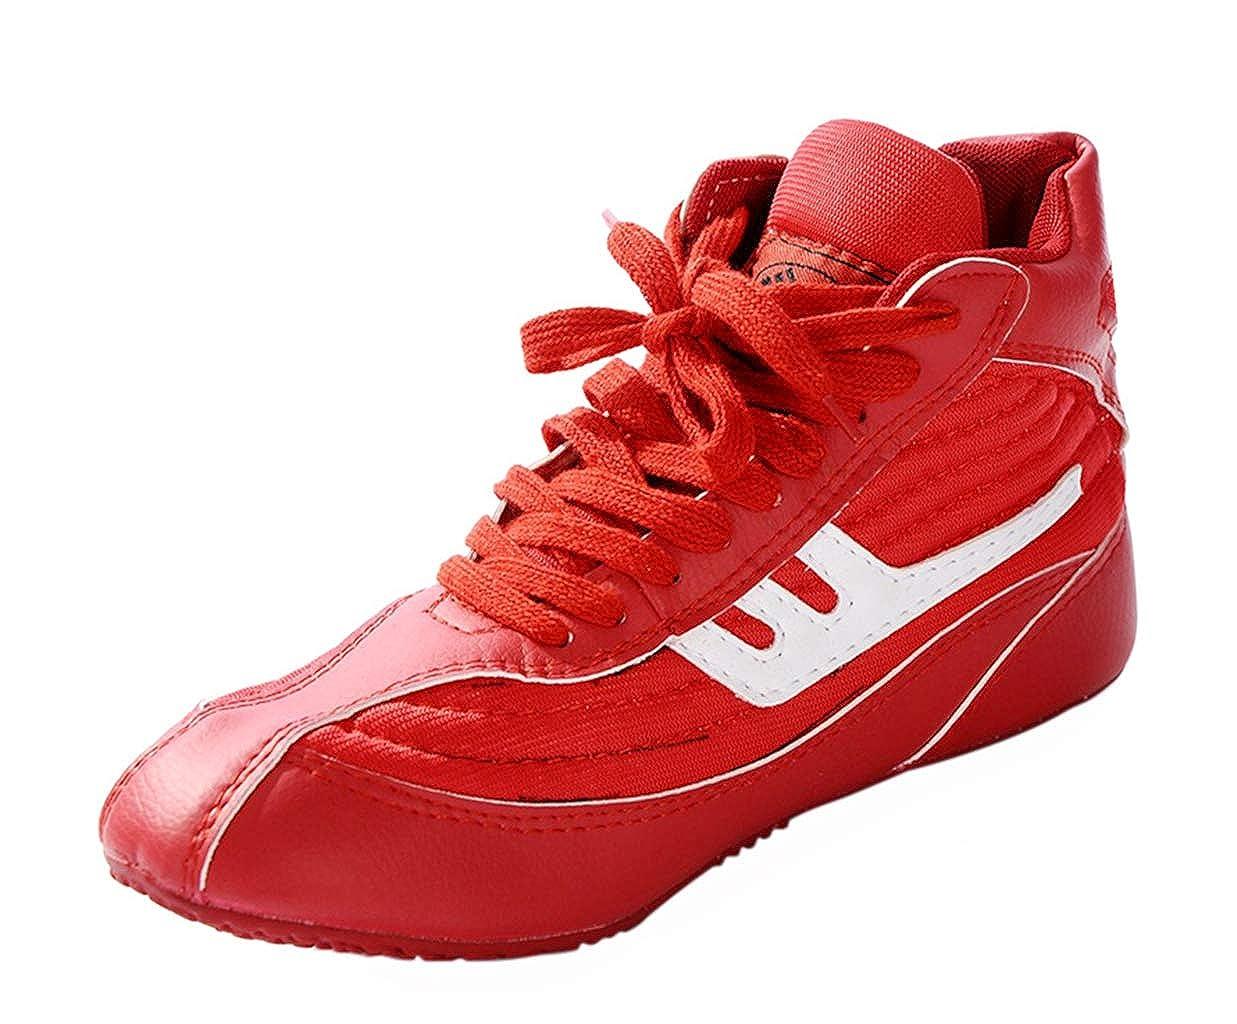 Day Key Chaussures de Catch Rouge pour Hommes, Chaussures de Catch en Cuir Haut Bas